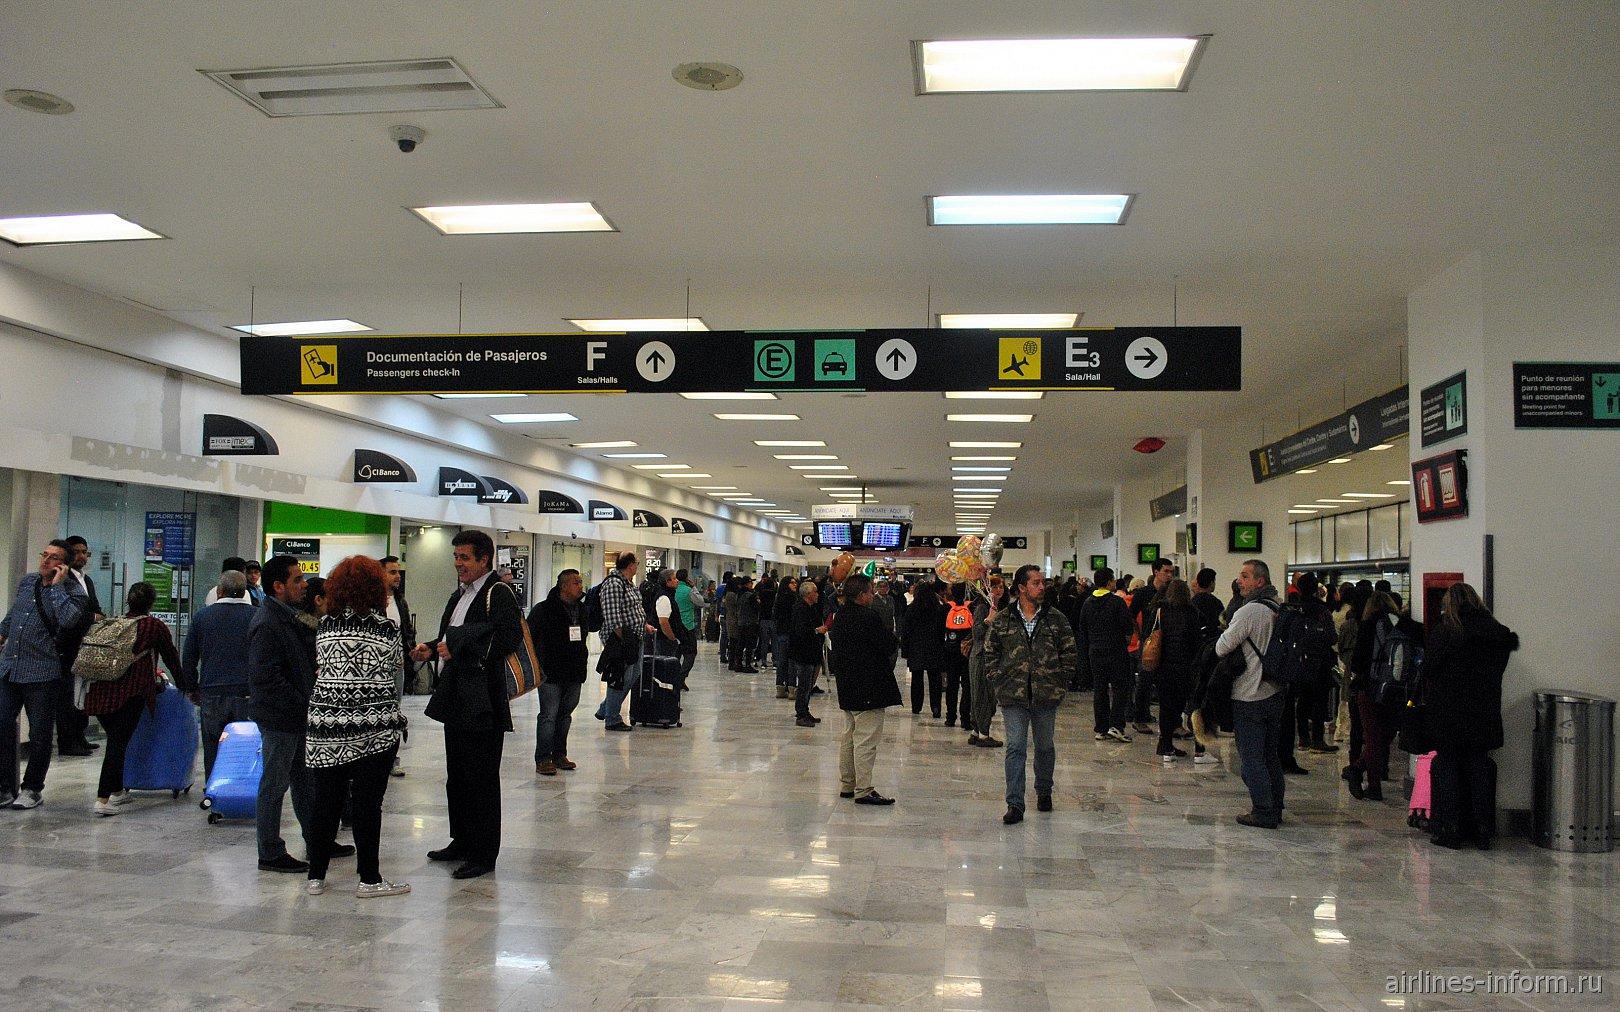 Зал прилета в аэропорту Мехико Бенито Хуарес